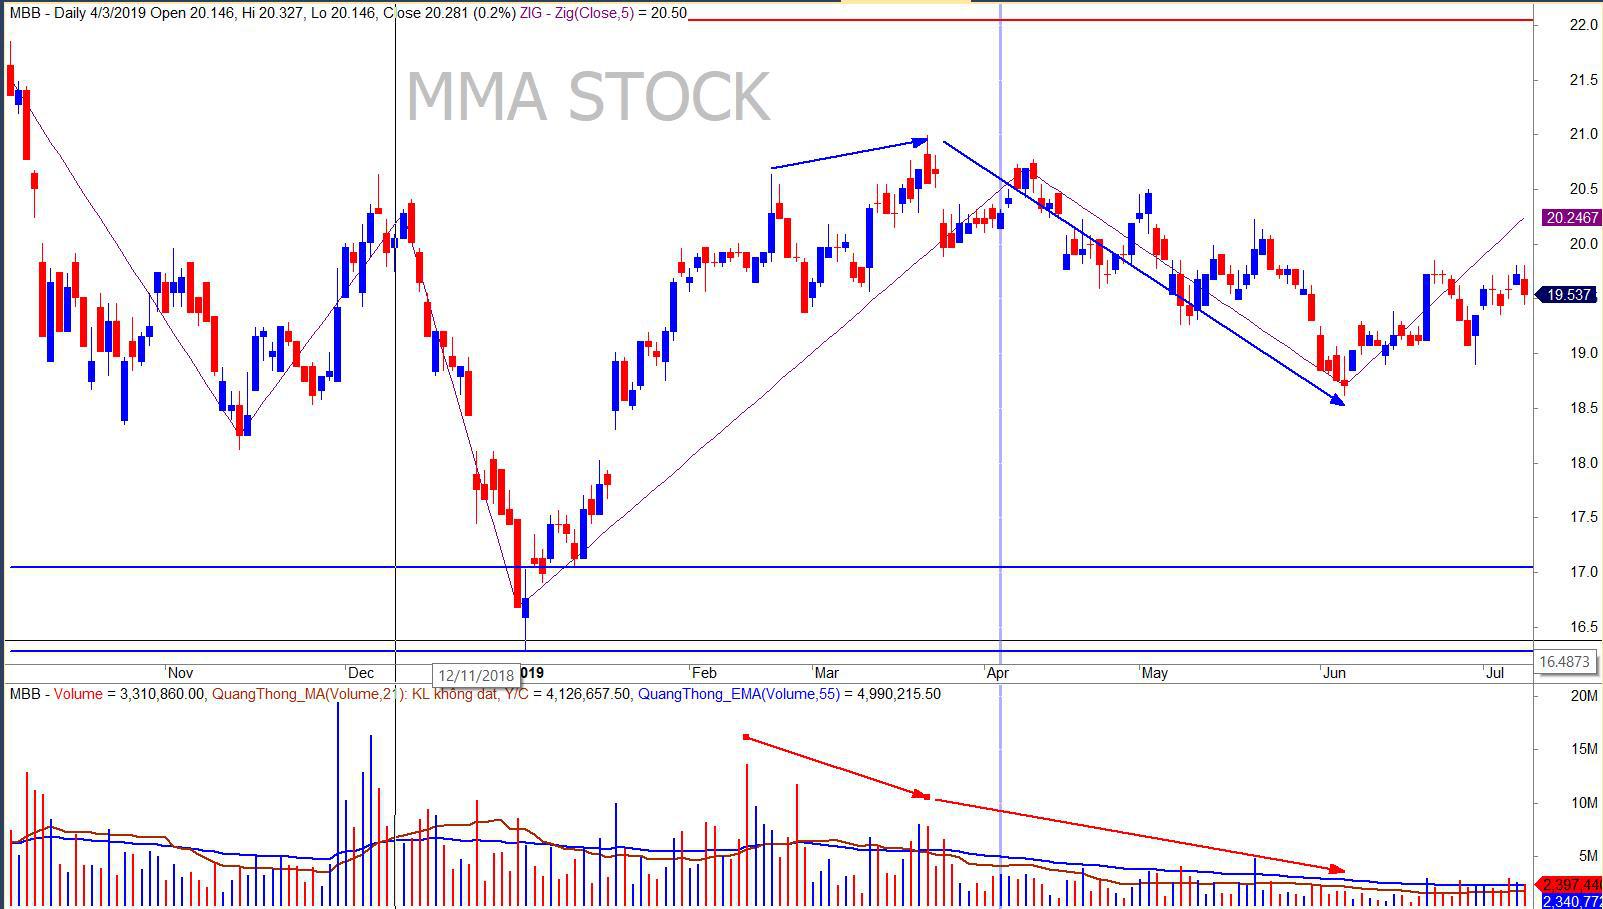 Làm sao để biết được thị trường chứng khoán hoạt động như thế nào? - Ảnh 2.